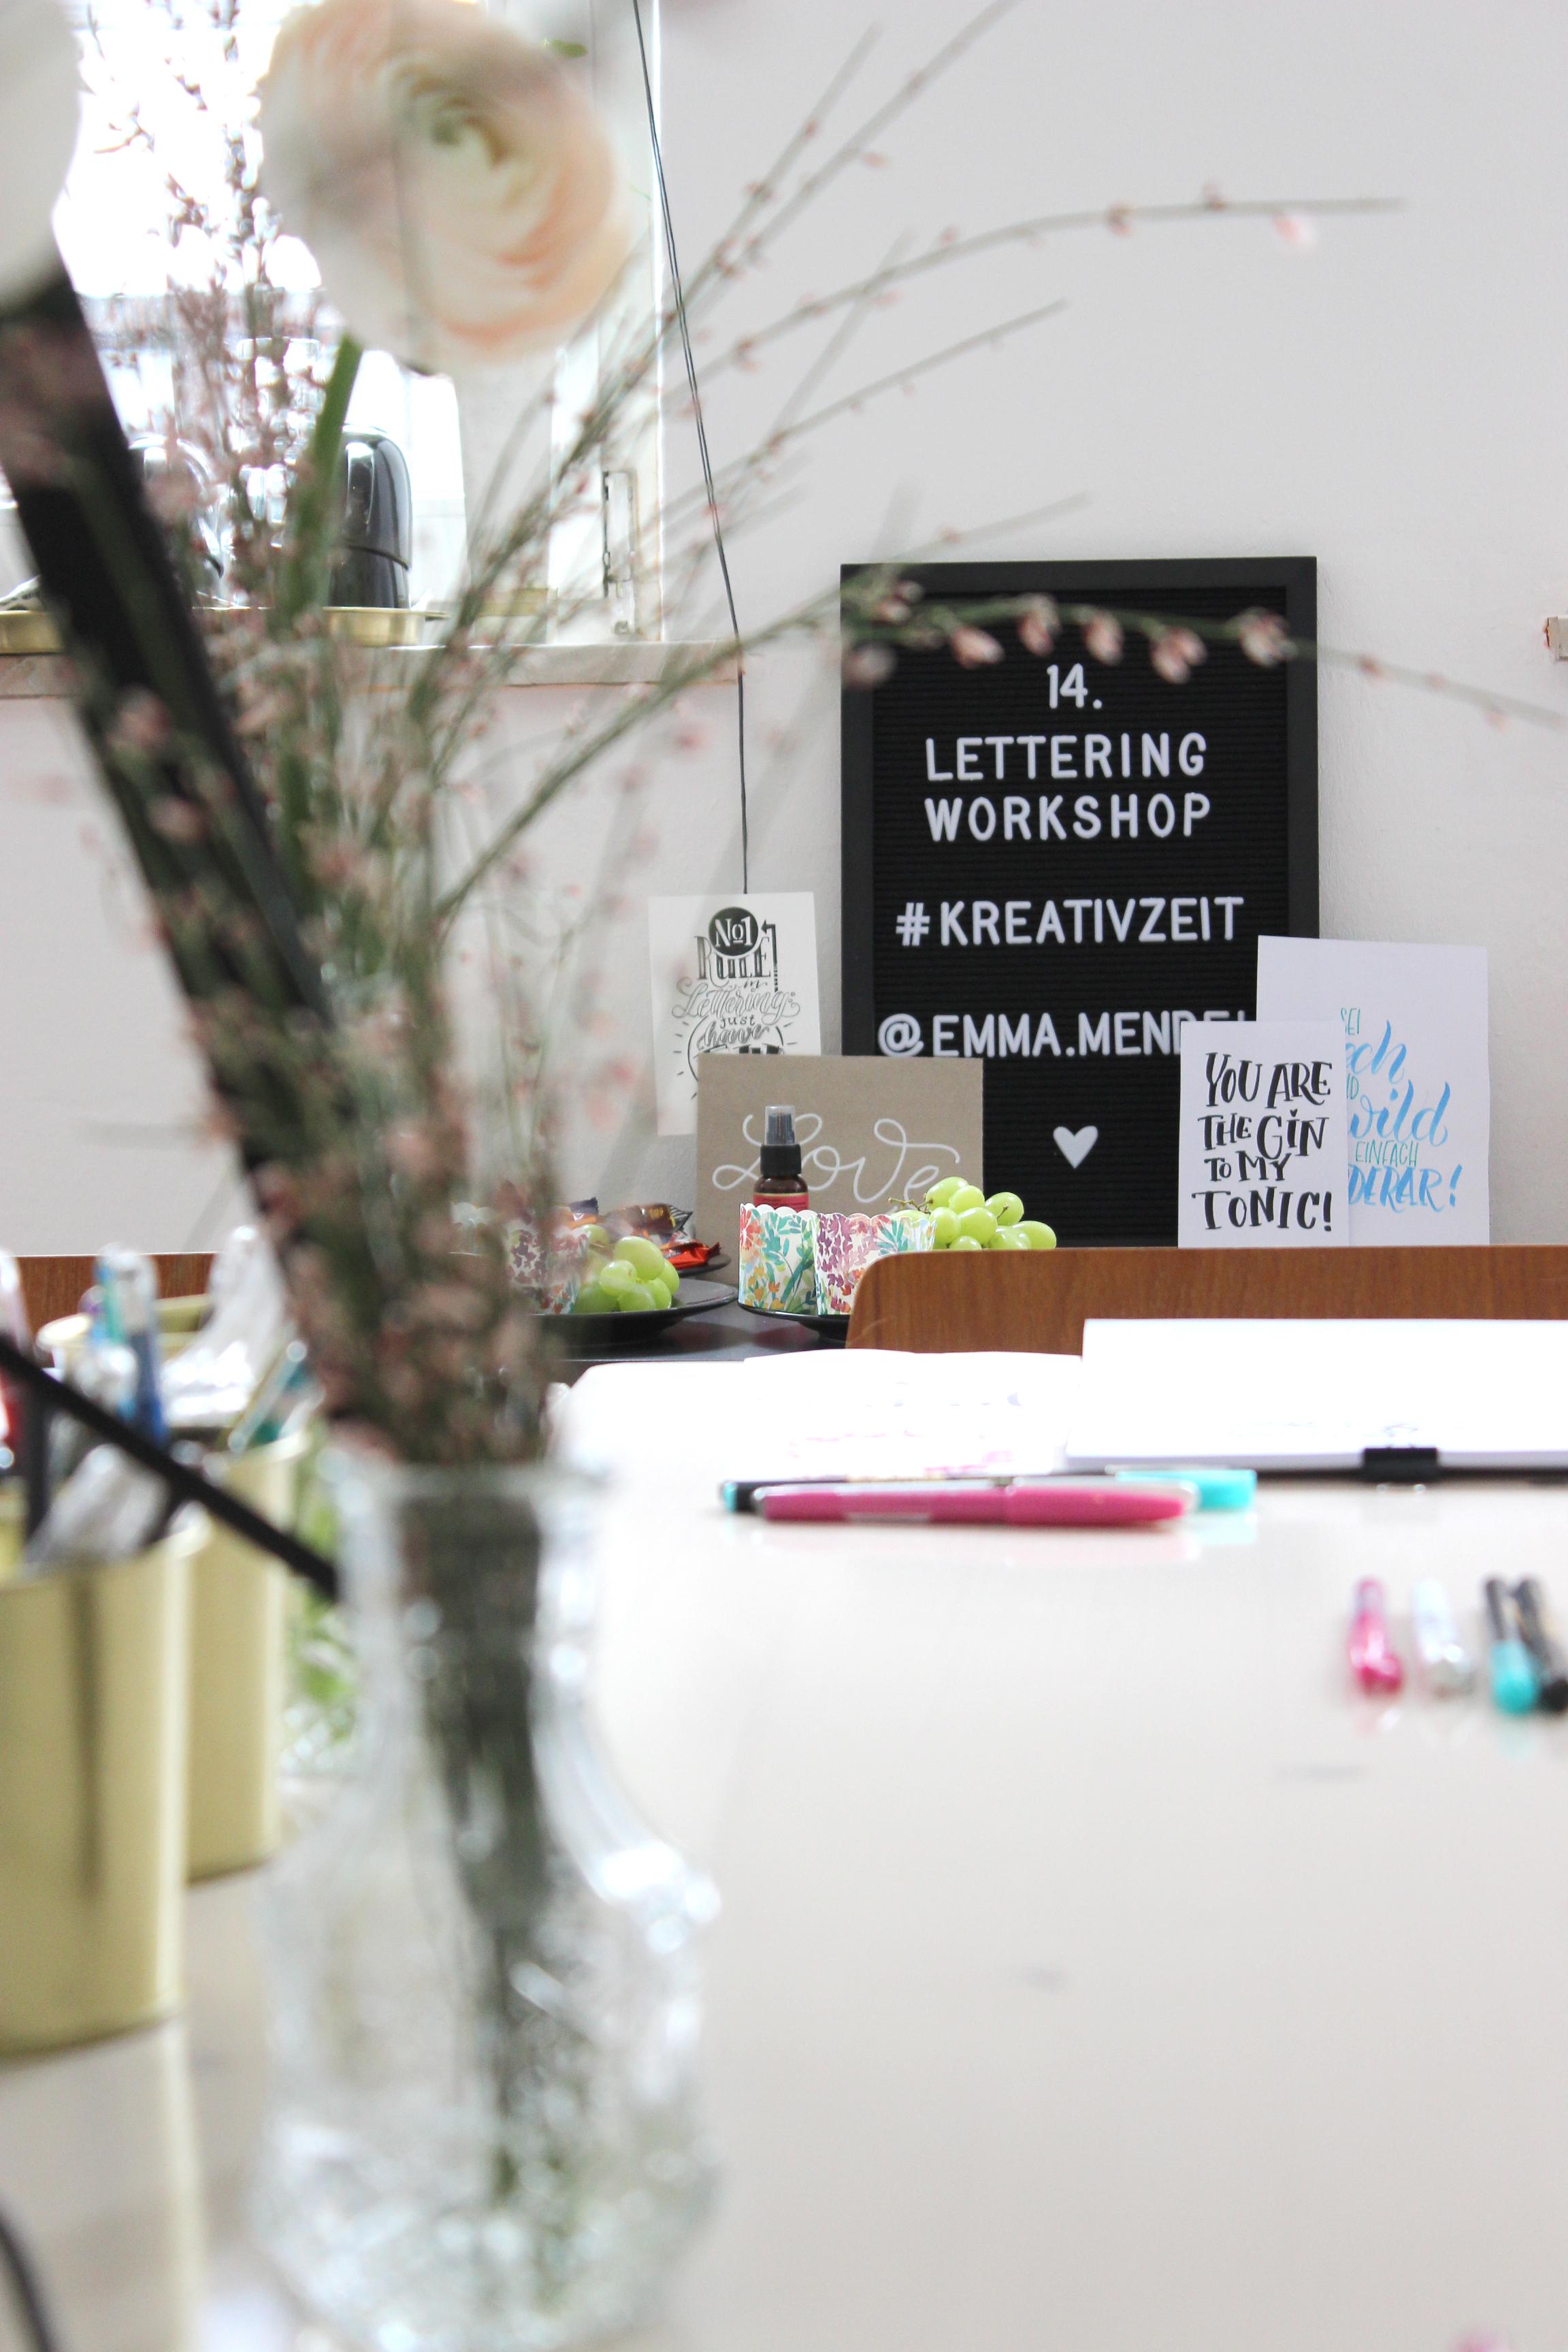 lettering 14. Workshop